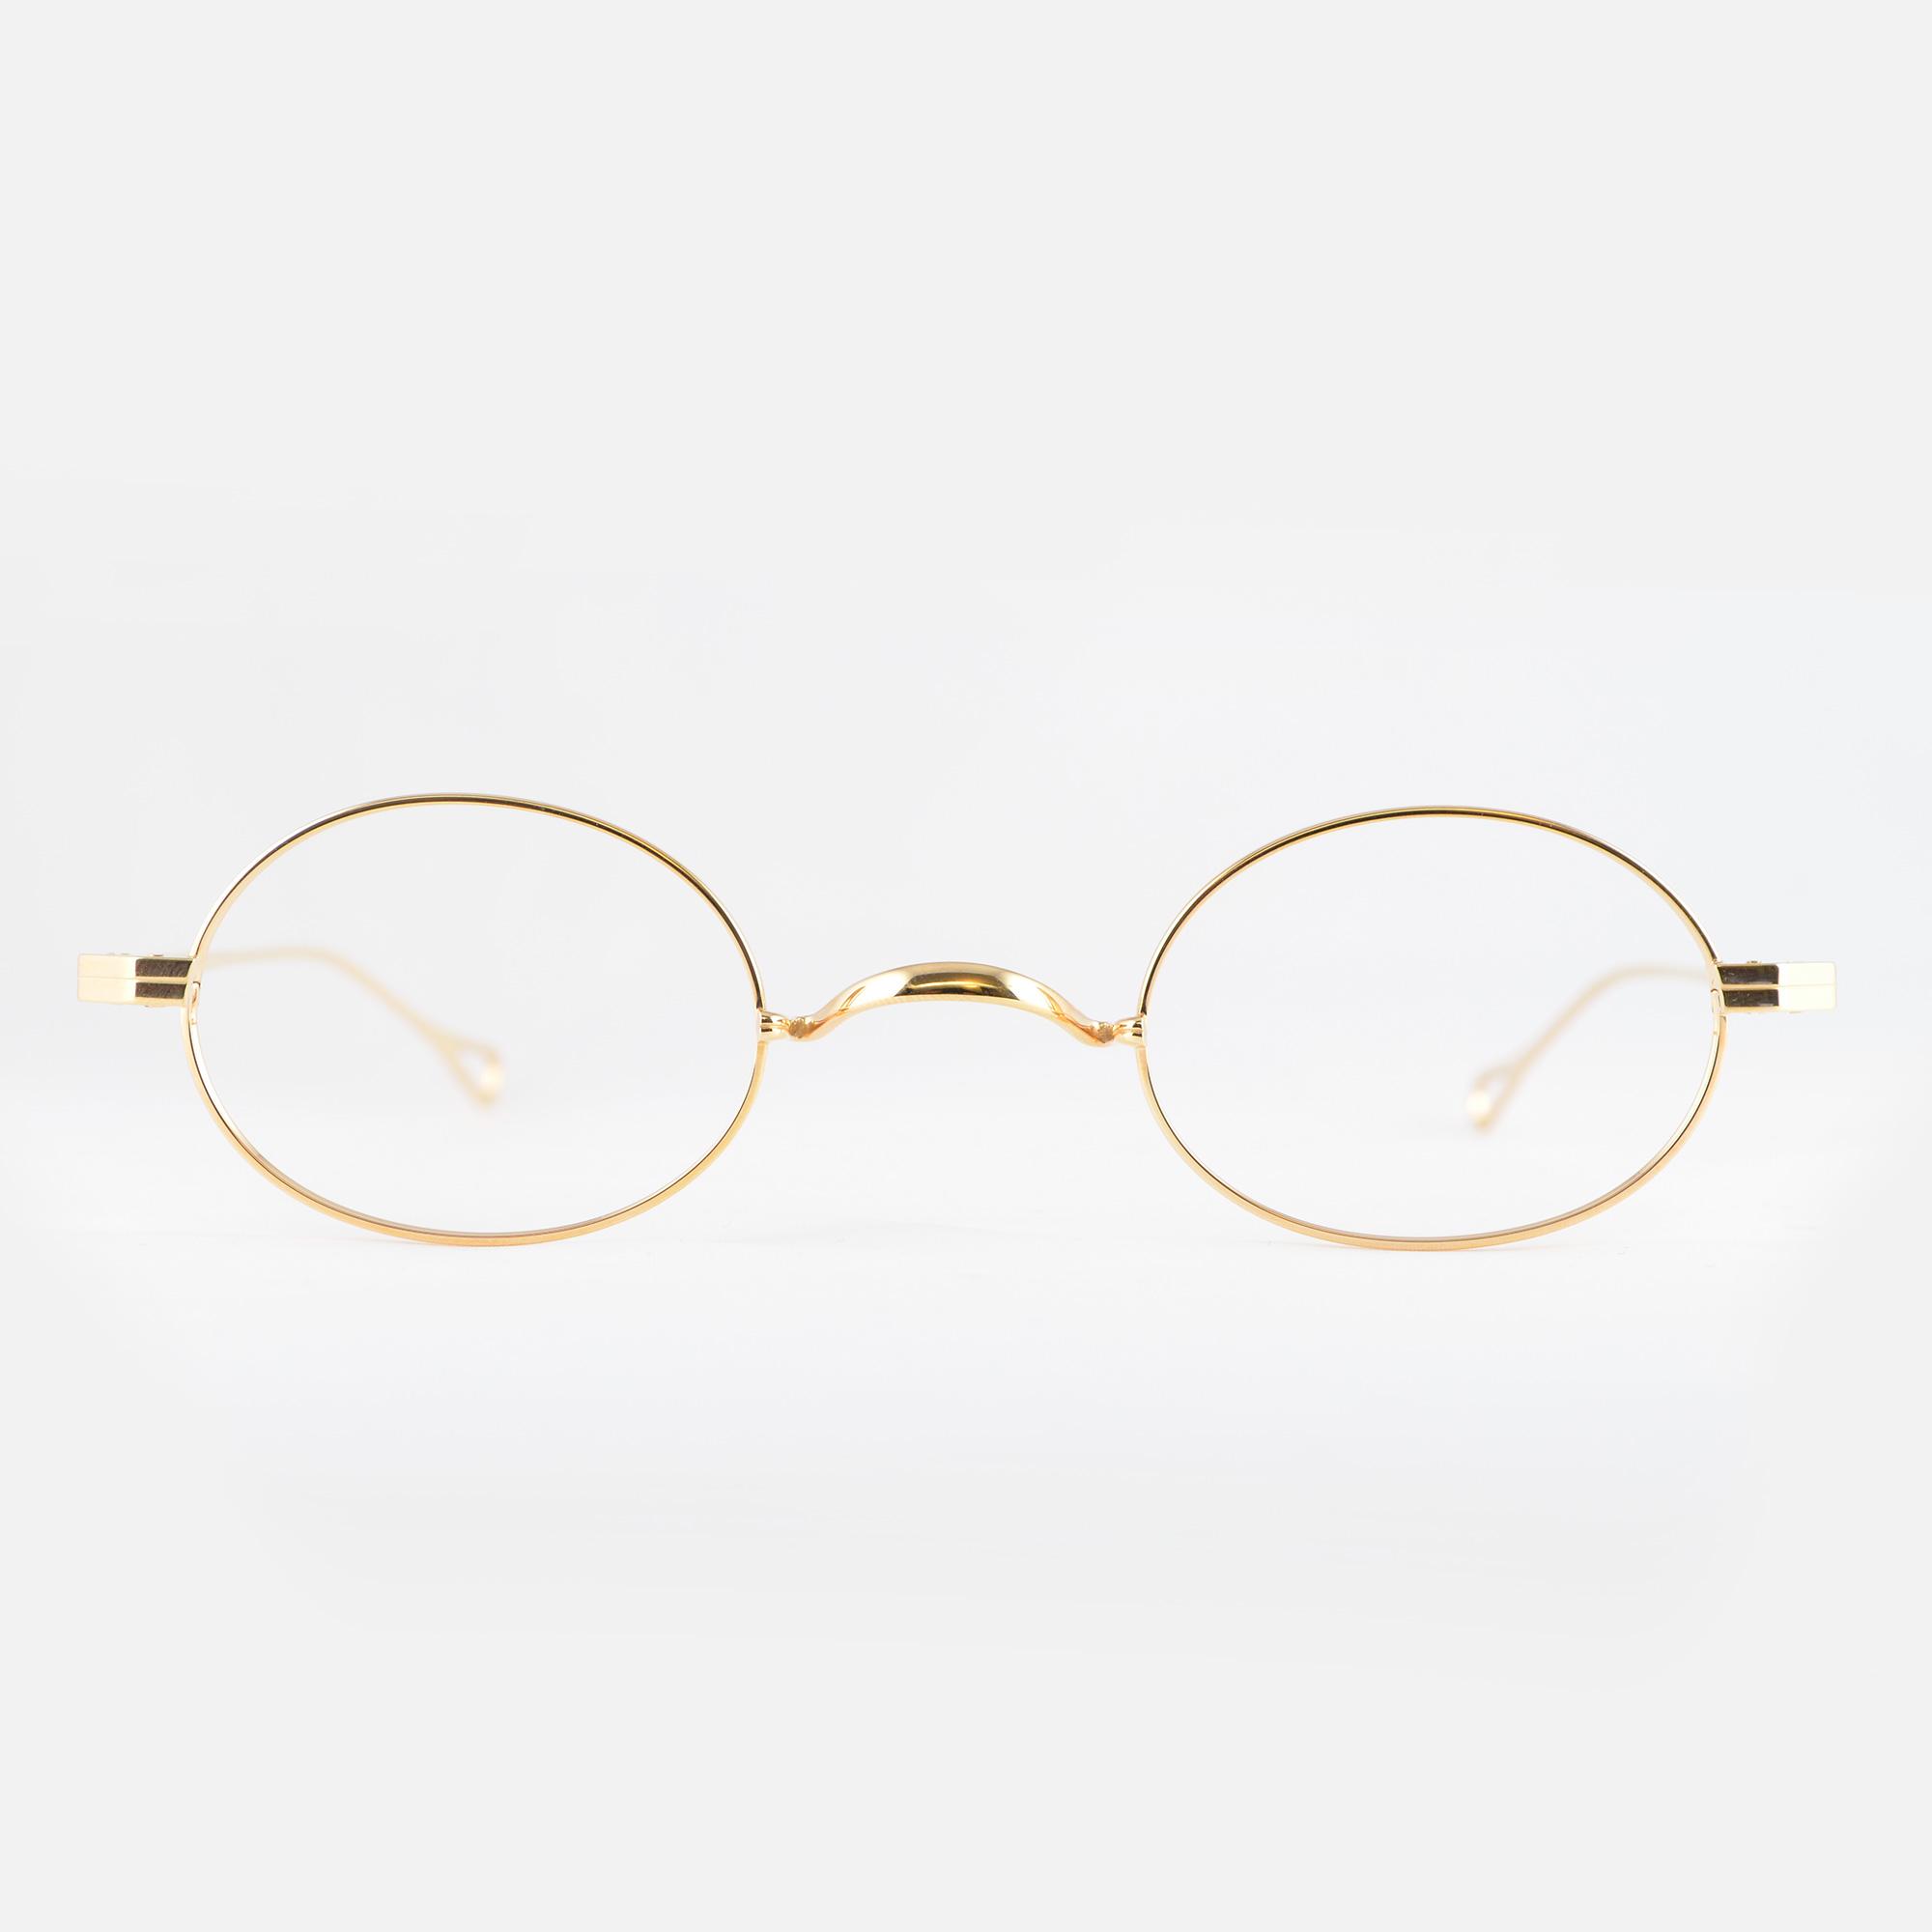 d1195d3d90 Lunor. Lunor est une marque haut-de-gamme allemande dont les lunettes ...